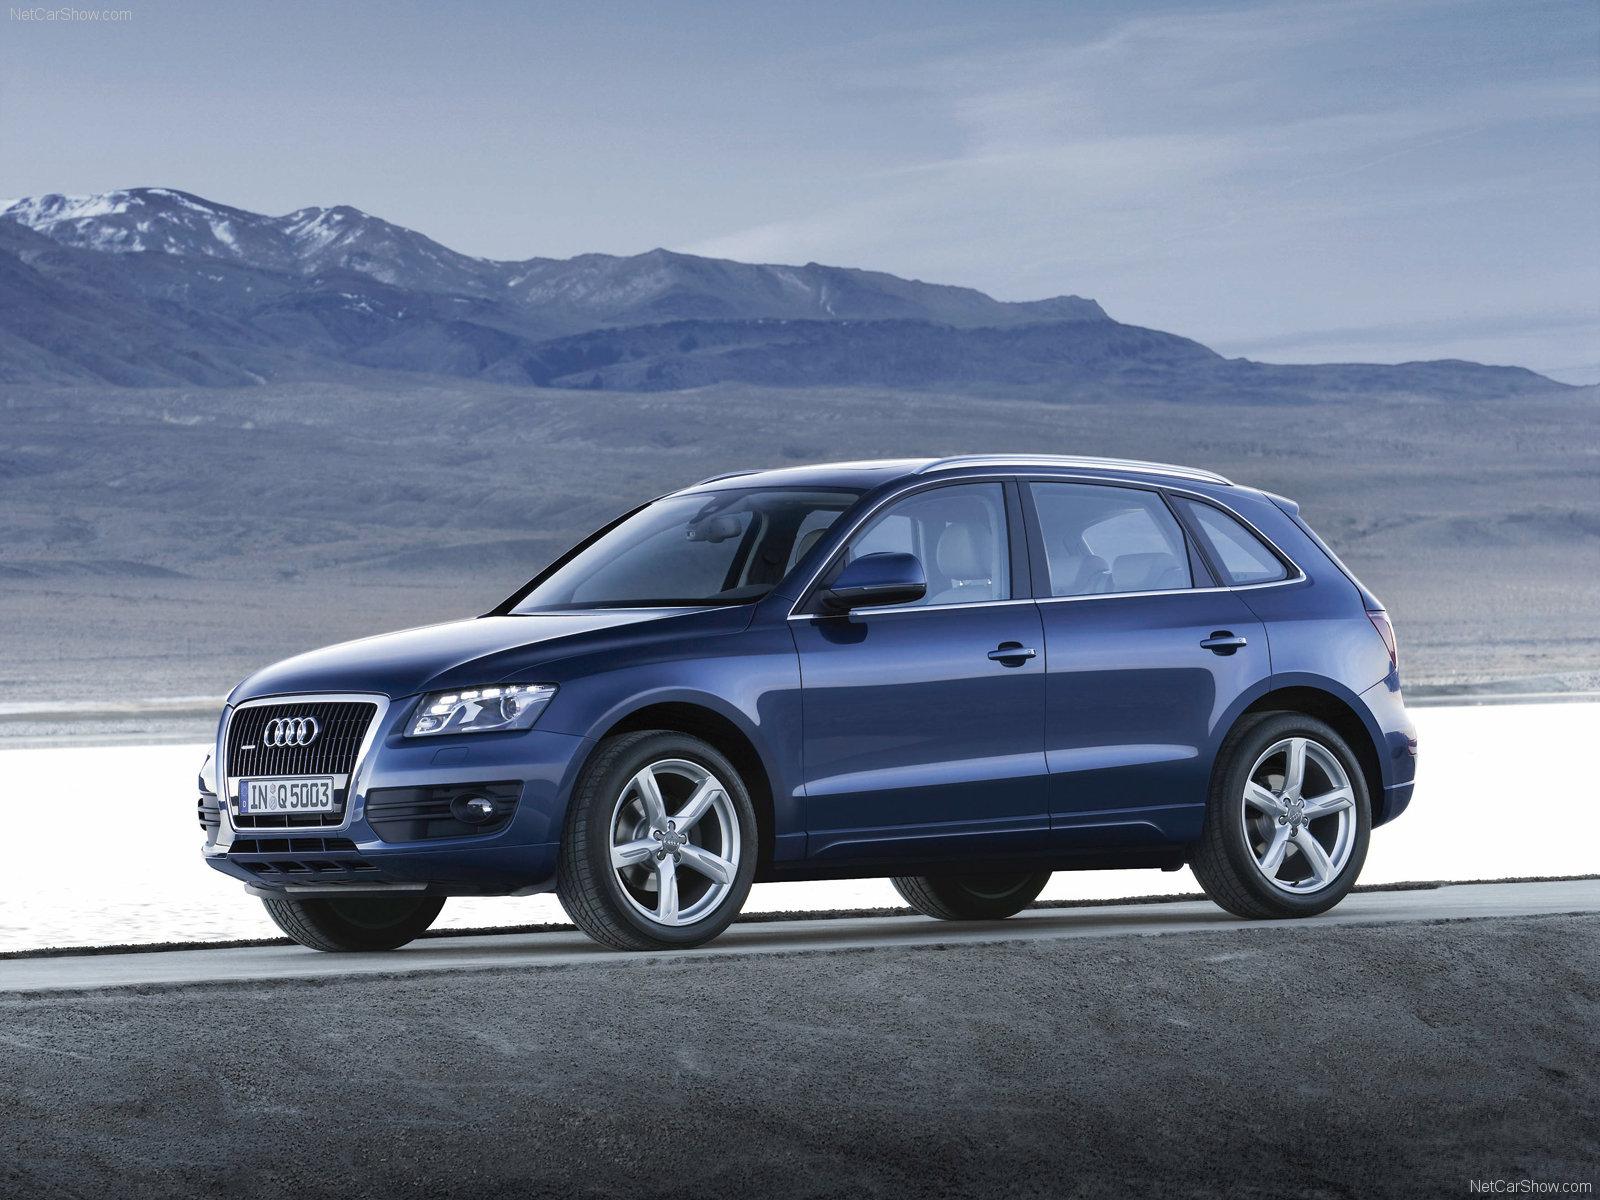 2009 Audi Q5 Image 18